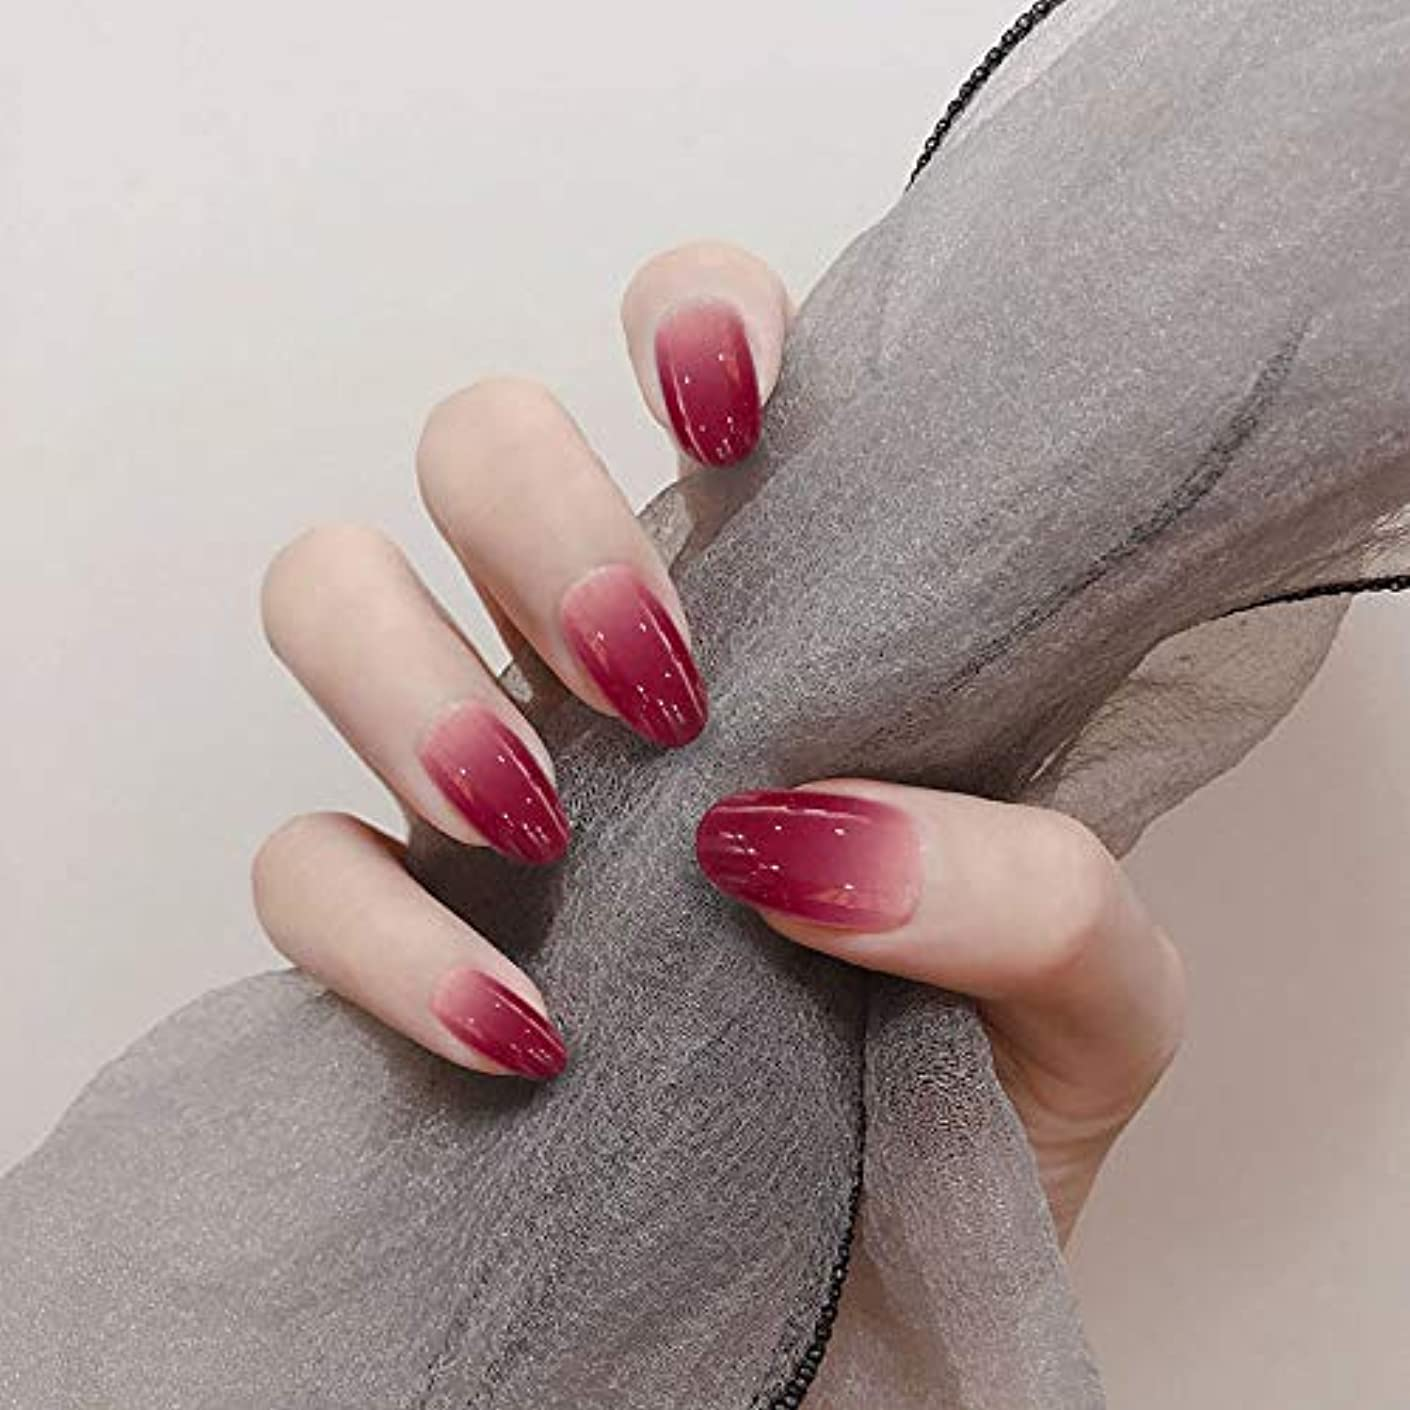 セメント賛美歌慣性XUTXZKA グラデーションレッドピンクカラーファッションネイルフルカバー人工ネイルアートのヒント女性ホリデーフェイクネイル